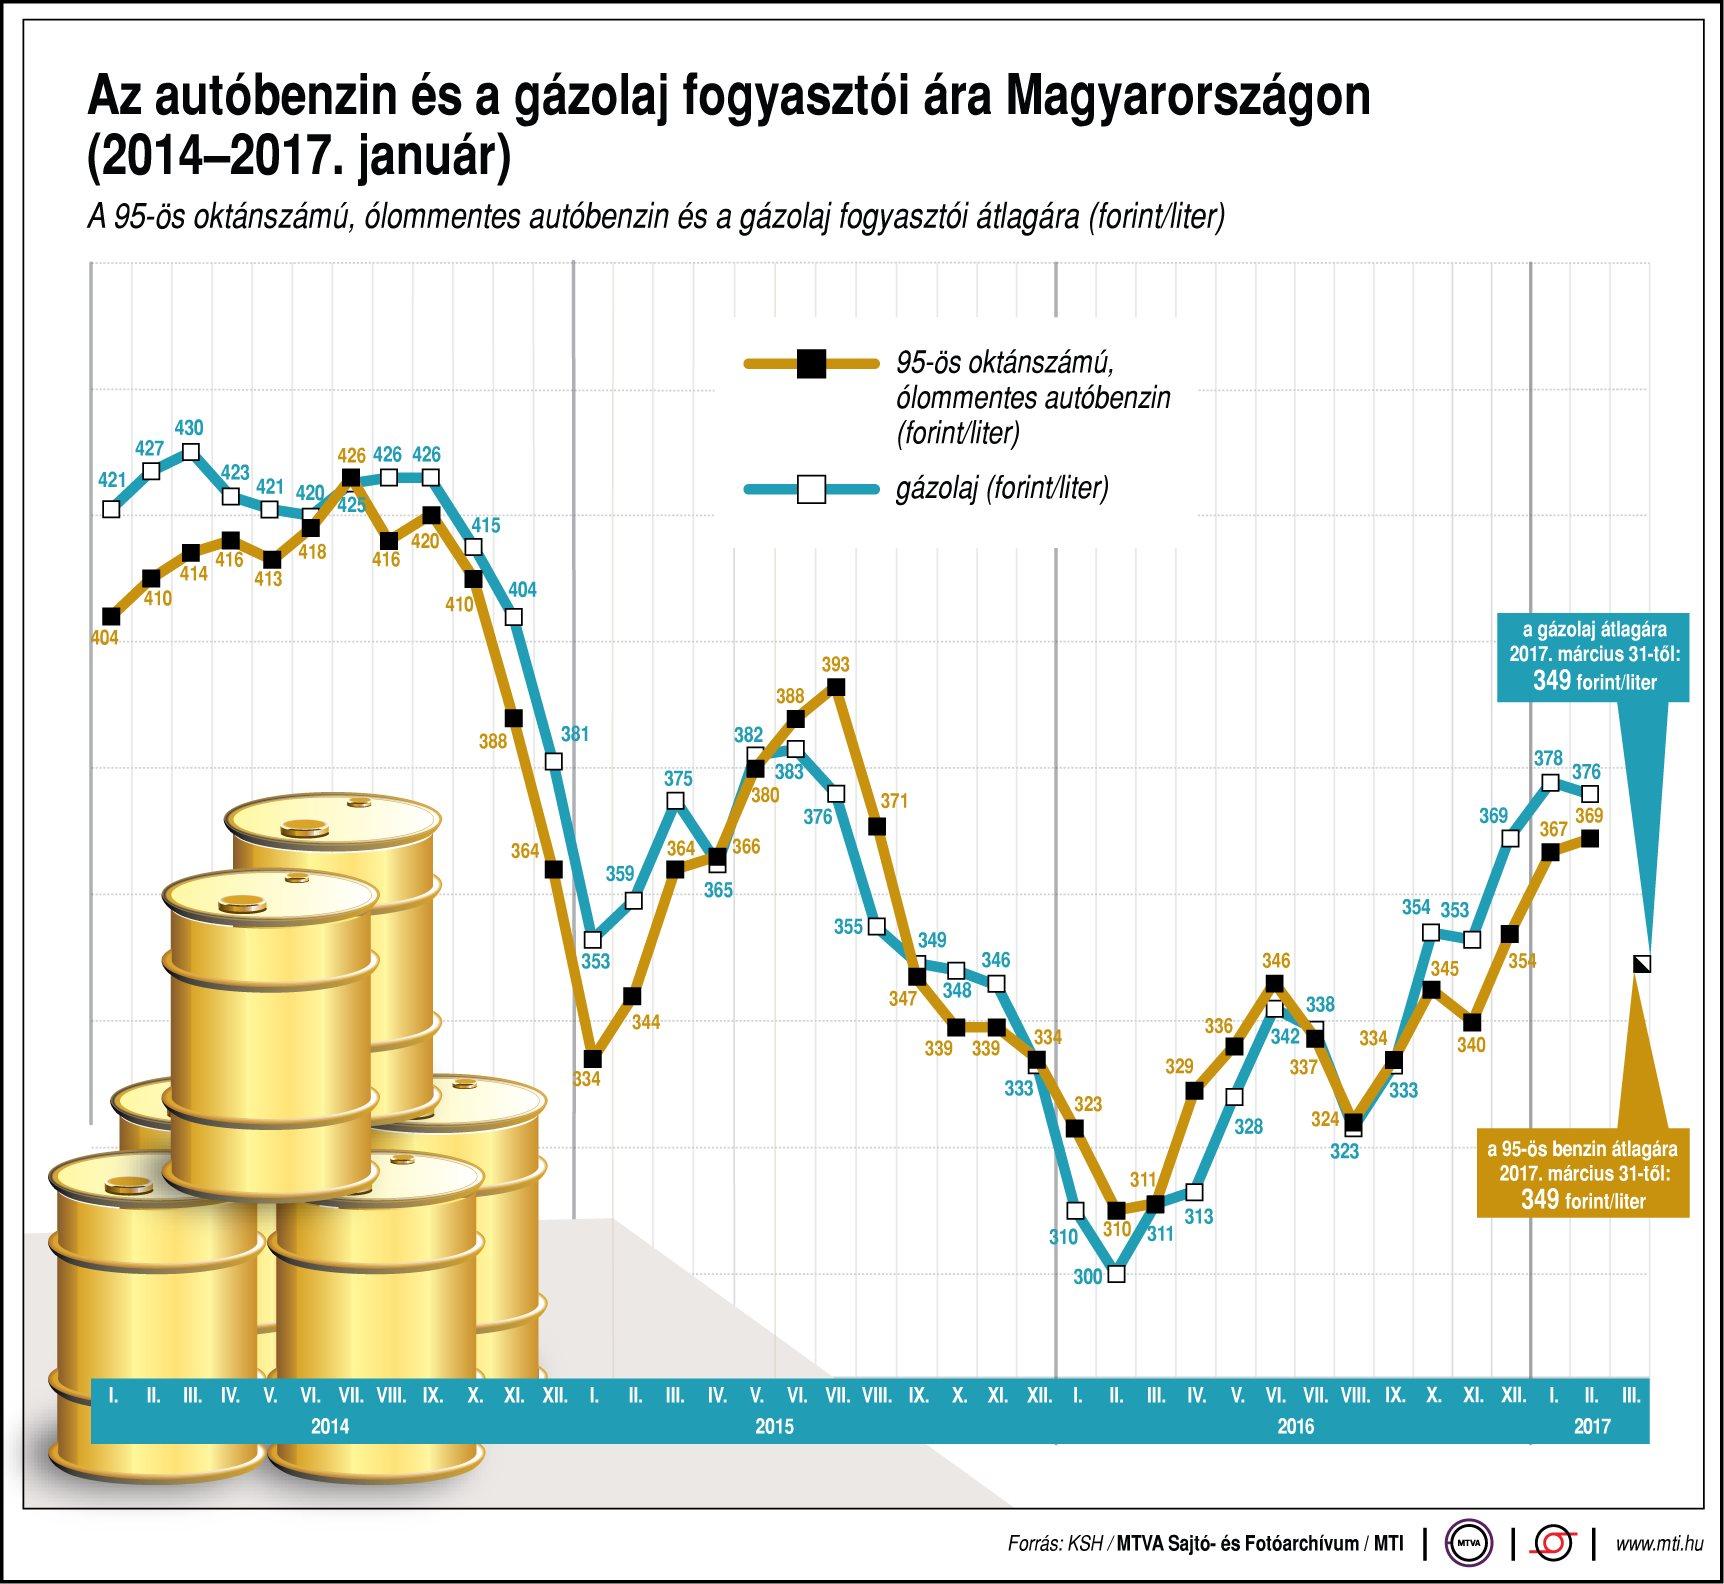 Az autóbenzin és a gázolaj fogyasztói ára - egy ábrán